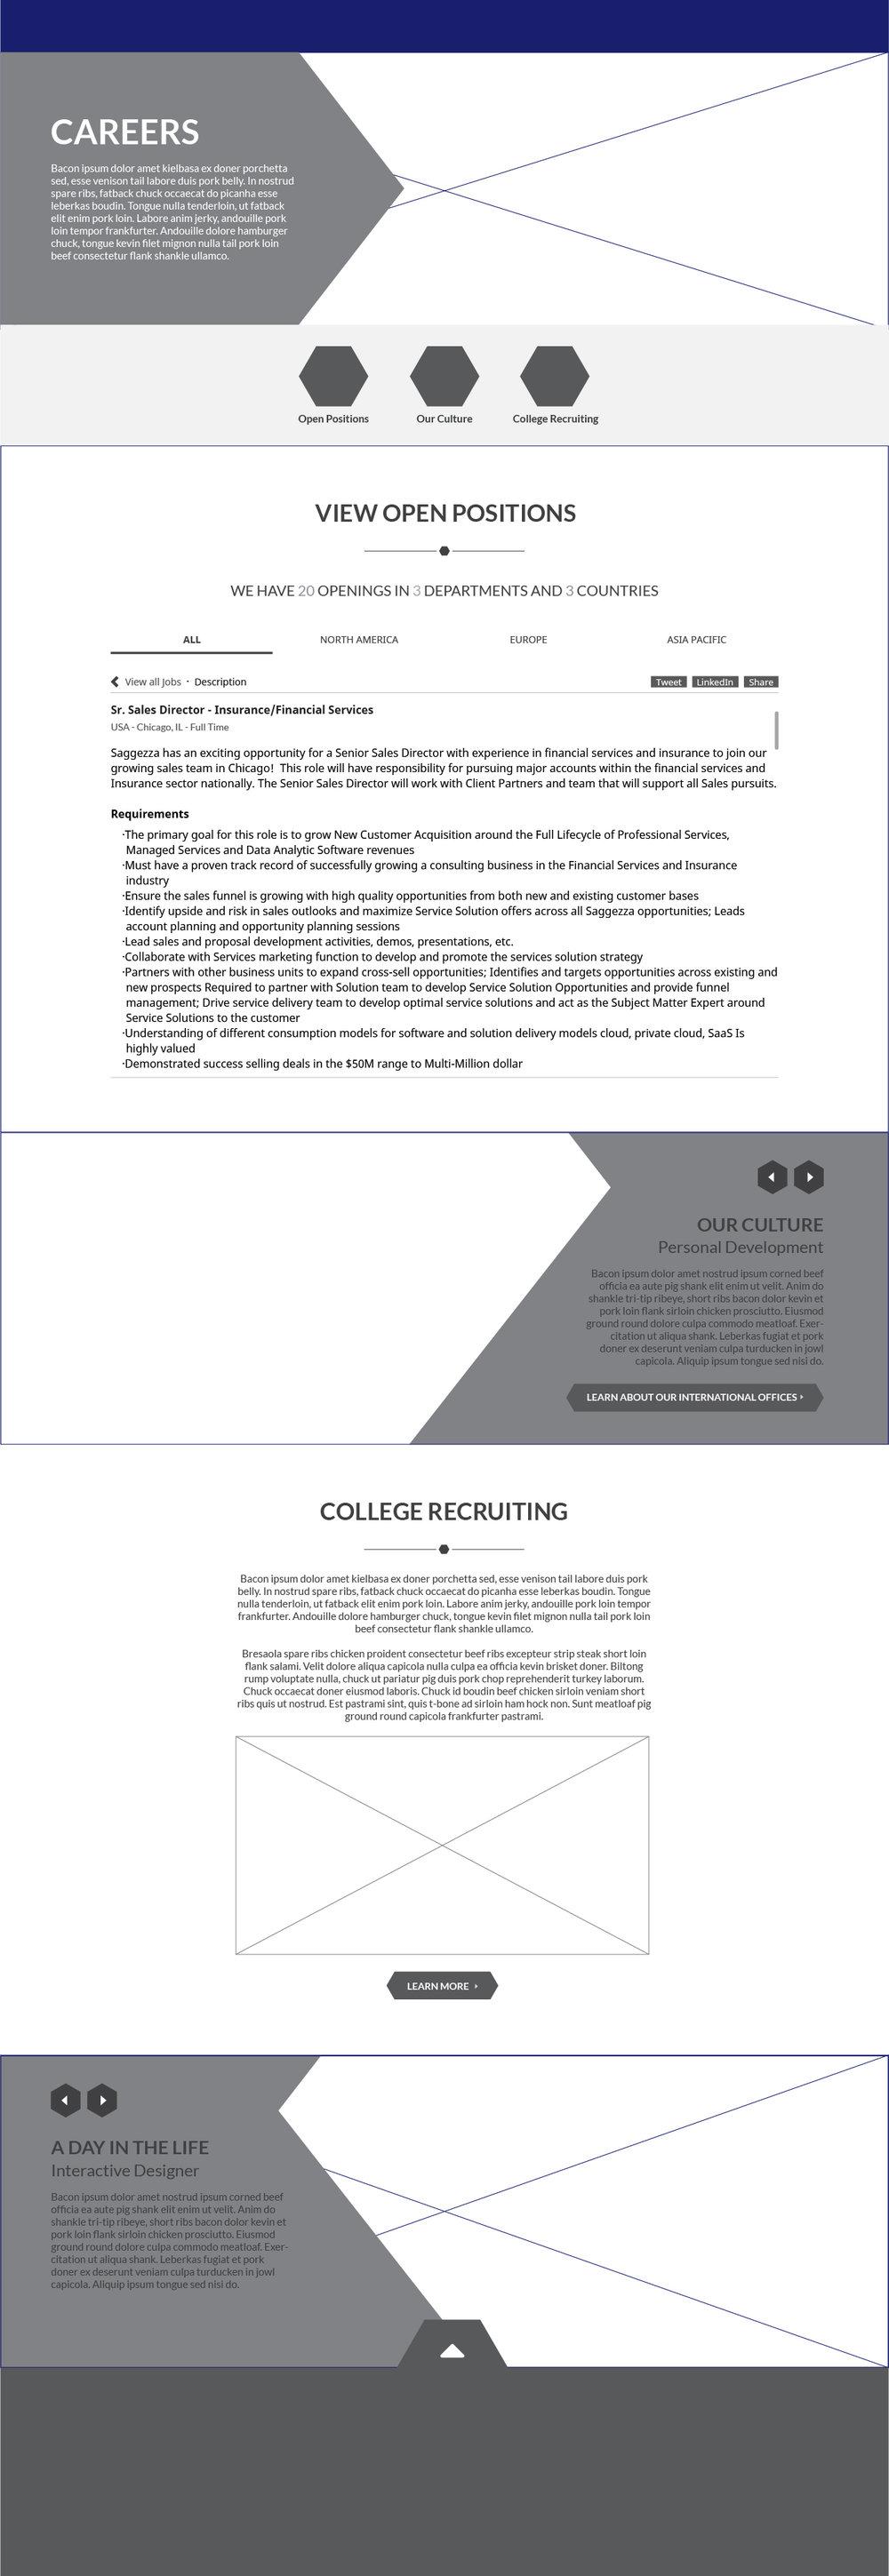 Careers_4-100.jpg